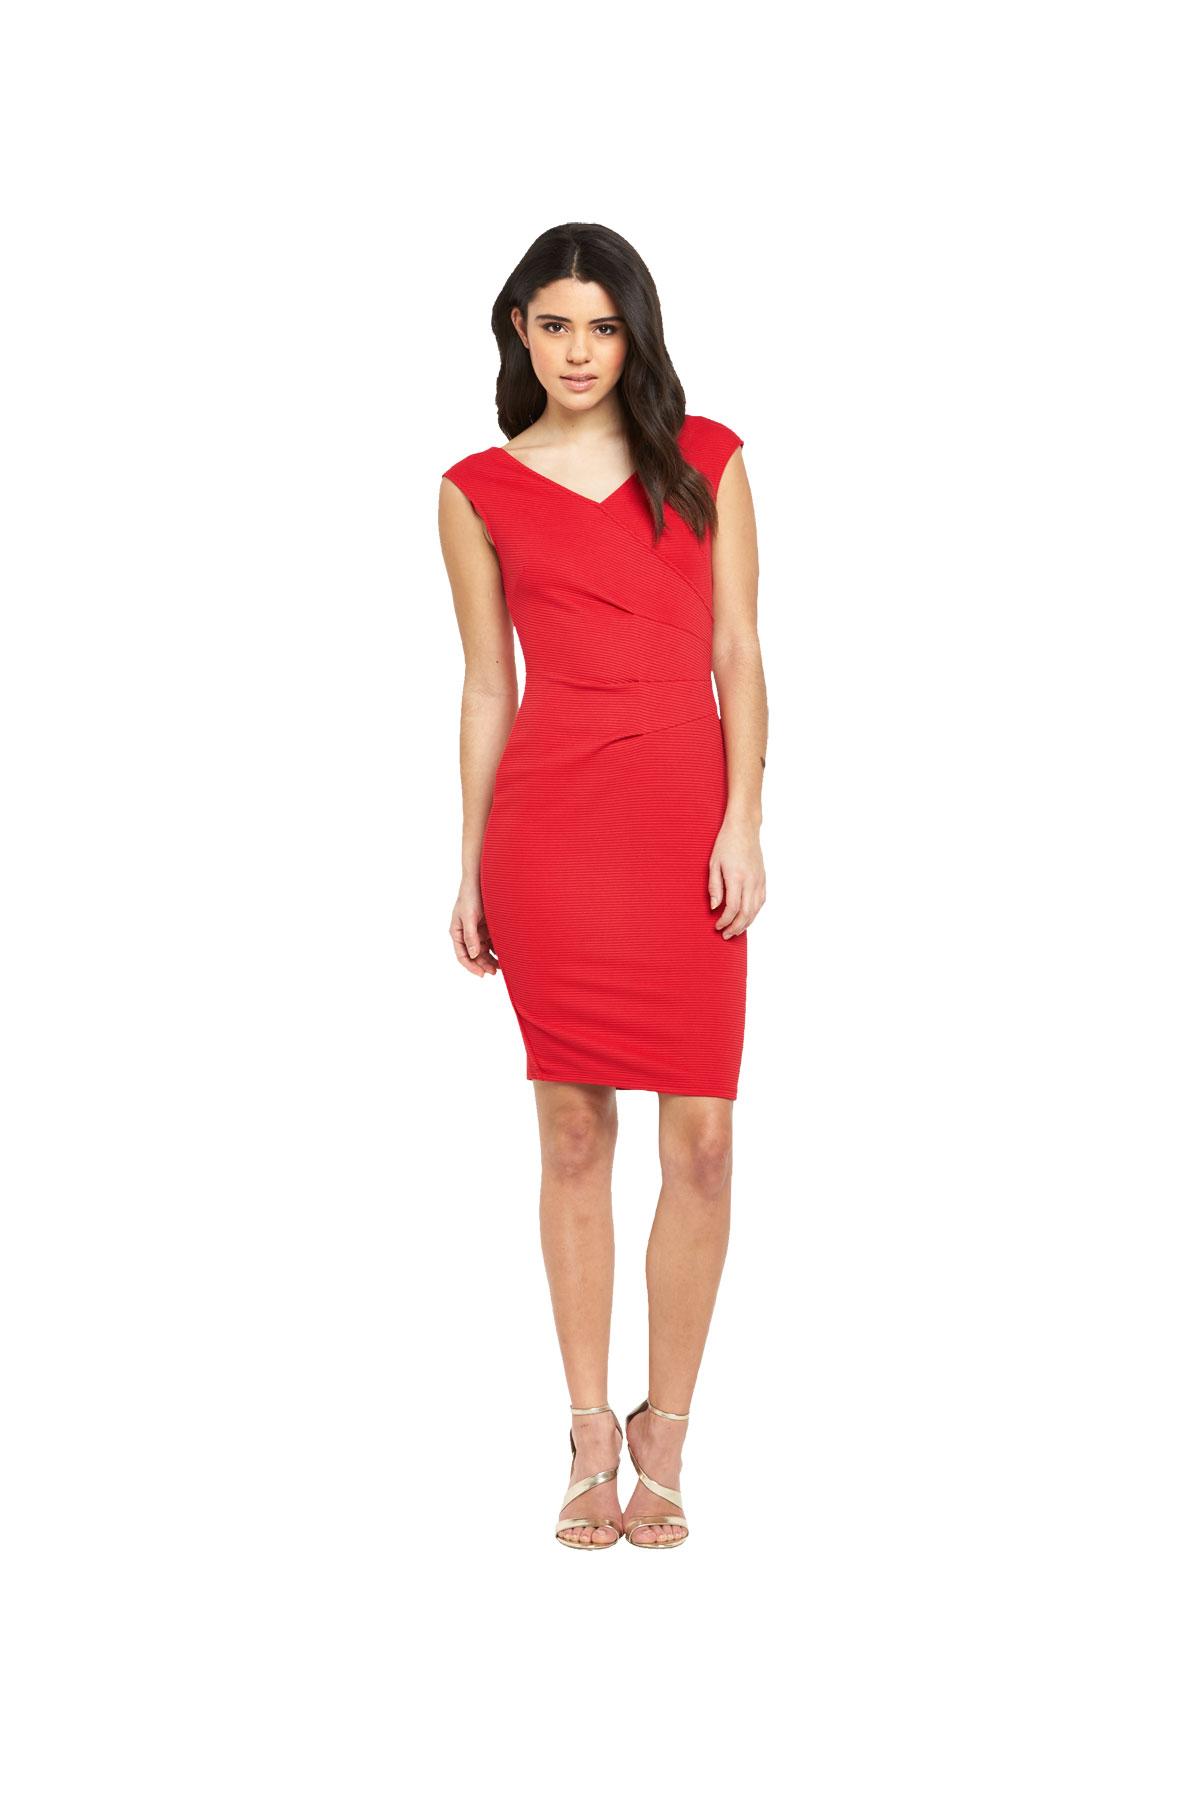 bb3143dfa27d Qvc nina leonard fashions